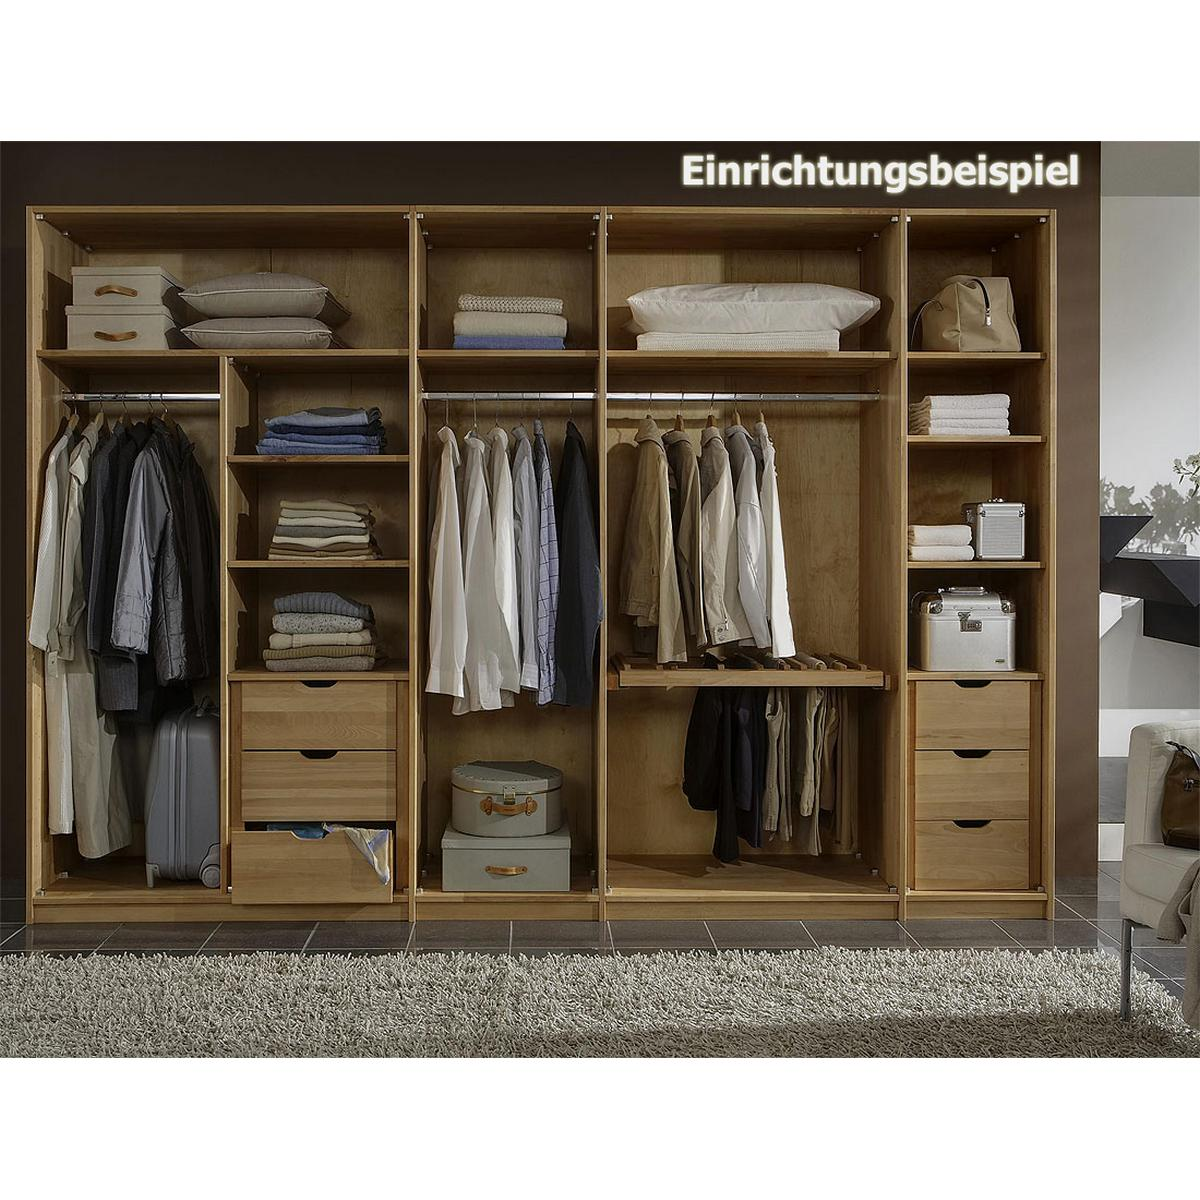 Stunning Schlafzimmer Eiche Massiv Geölt Photos - New Home Design ...